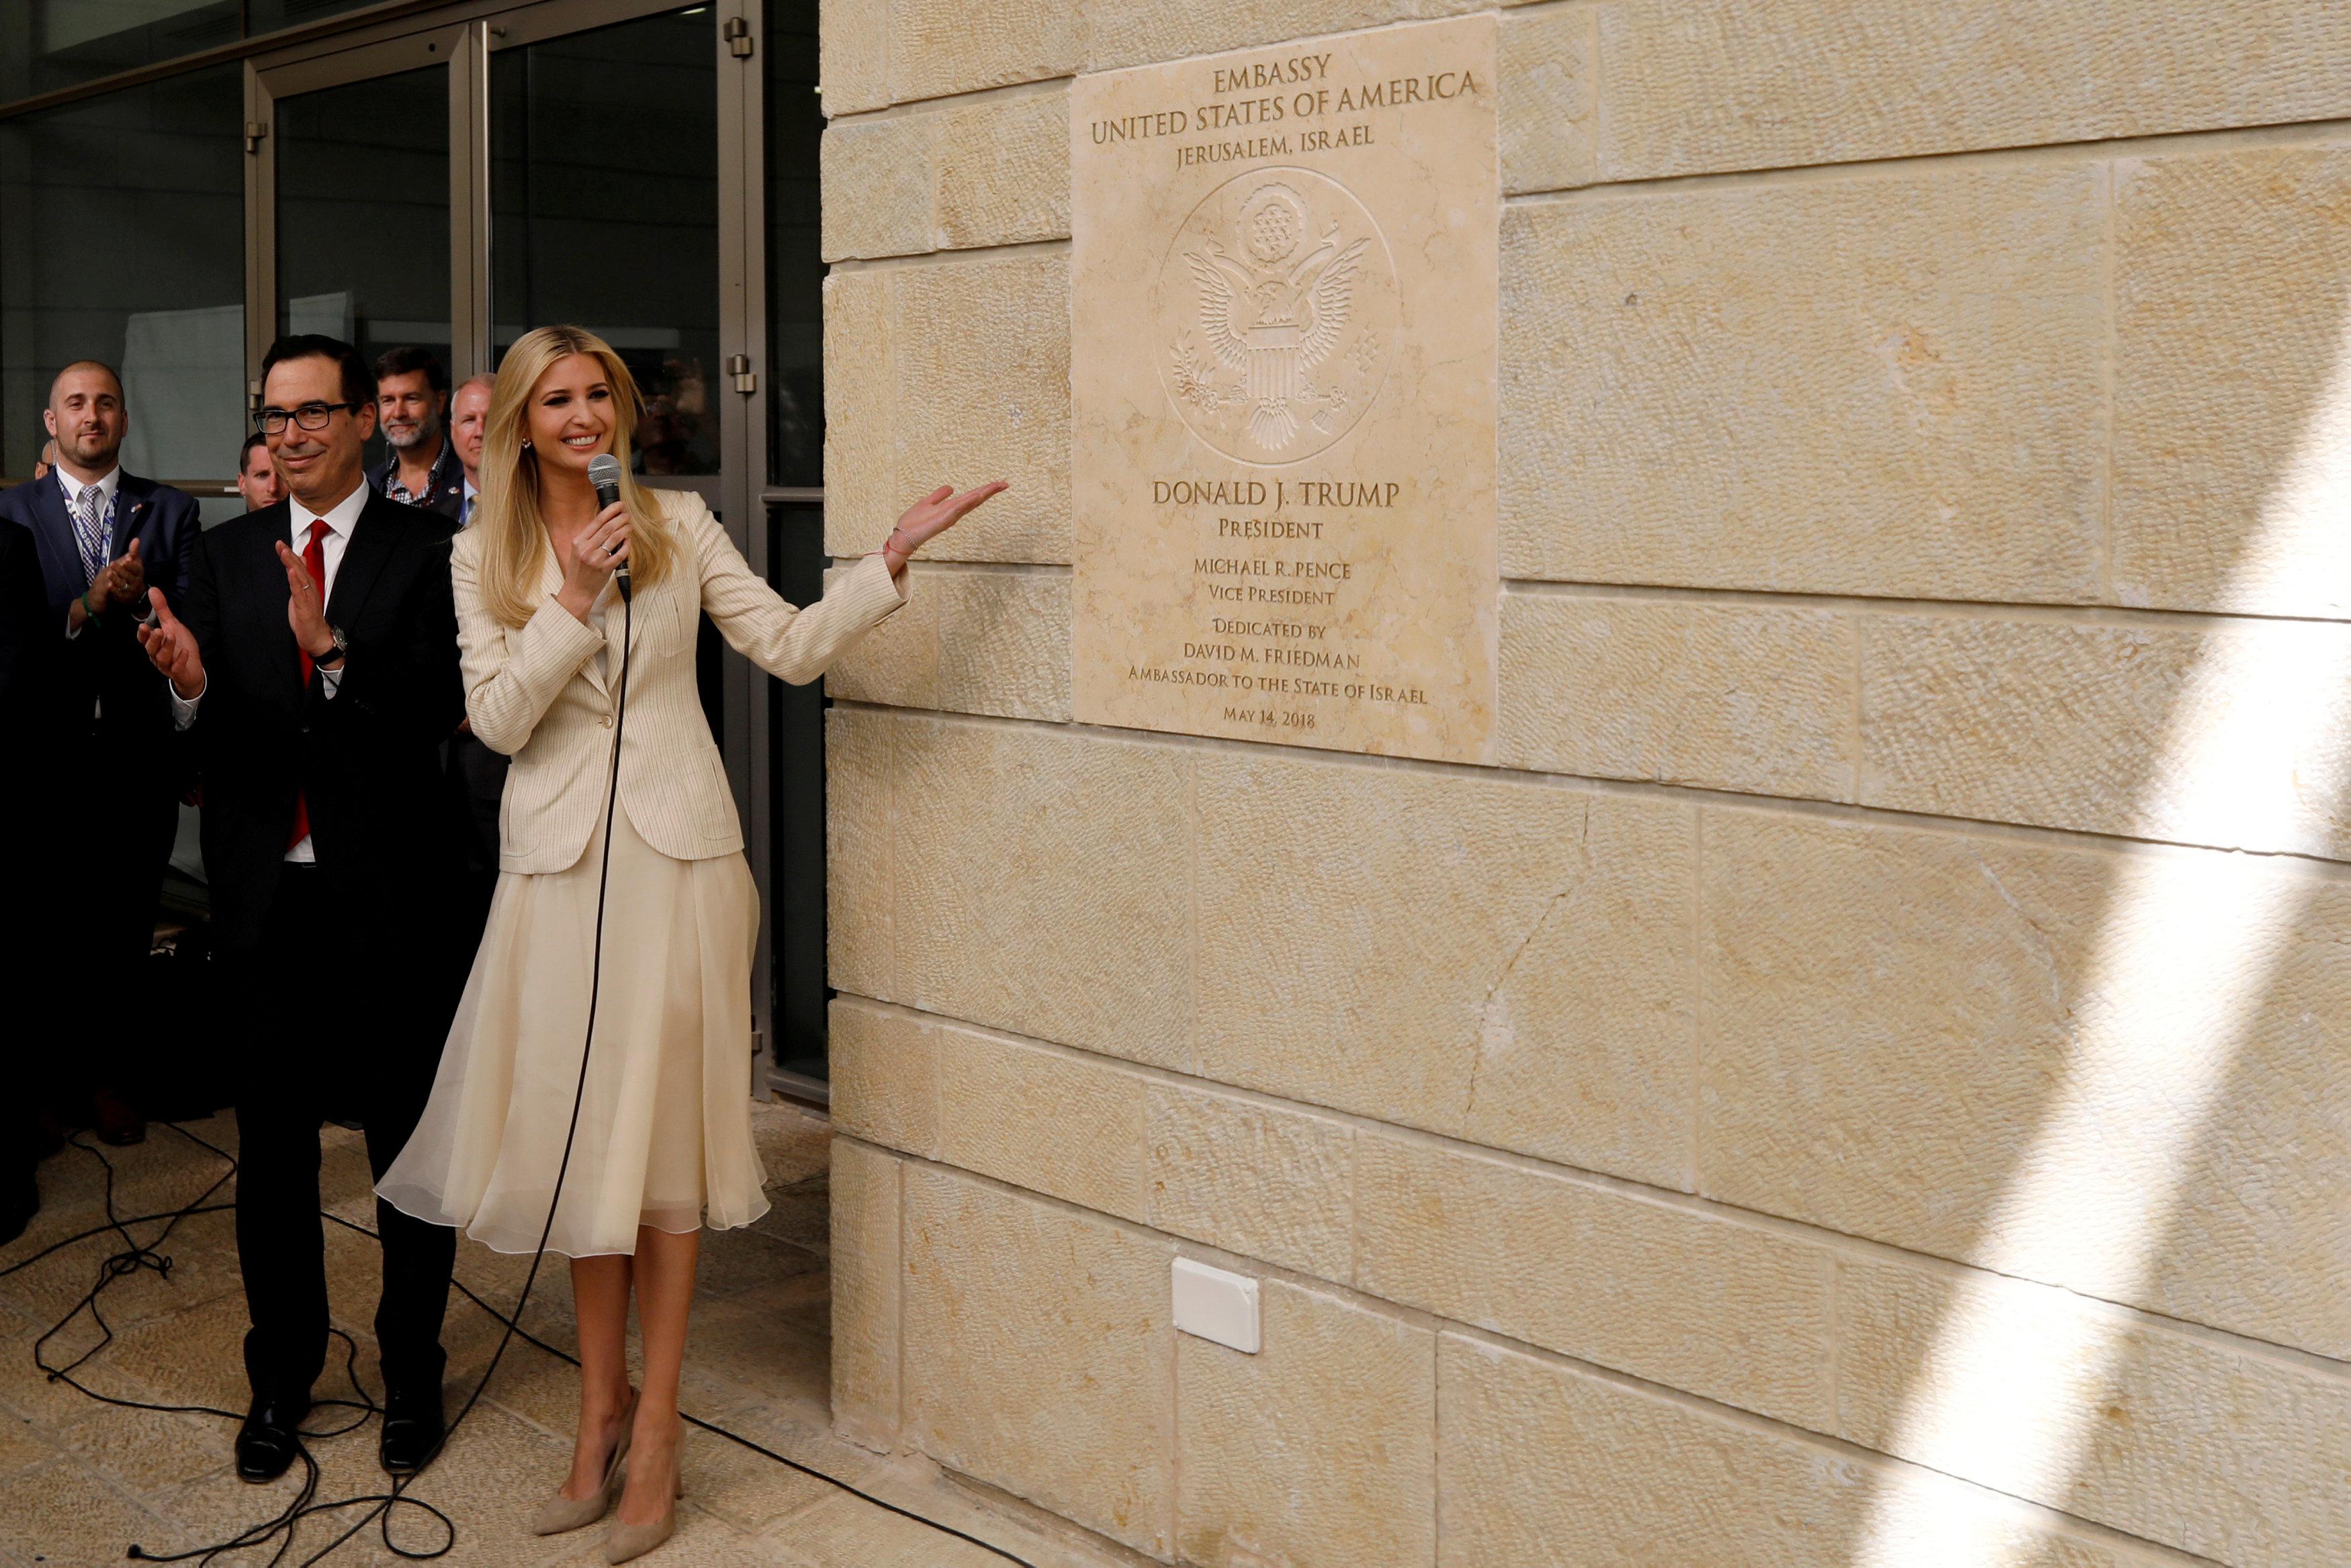 Иванка Трамп официально открывает посольство США в Иерусалиме.